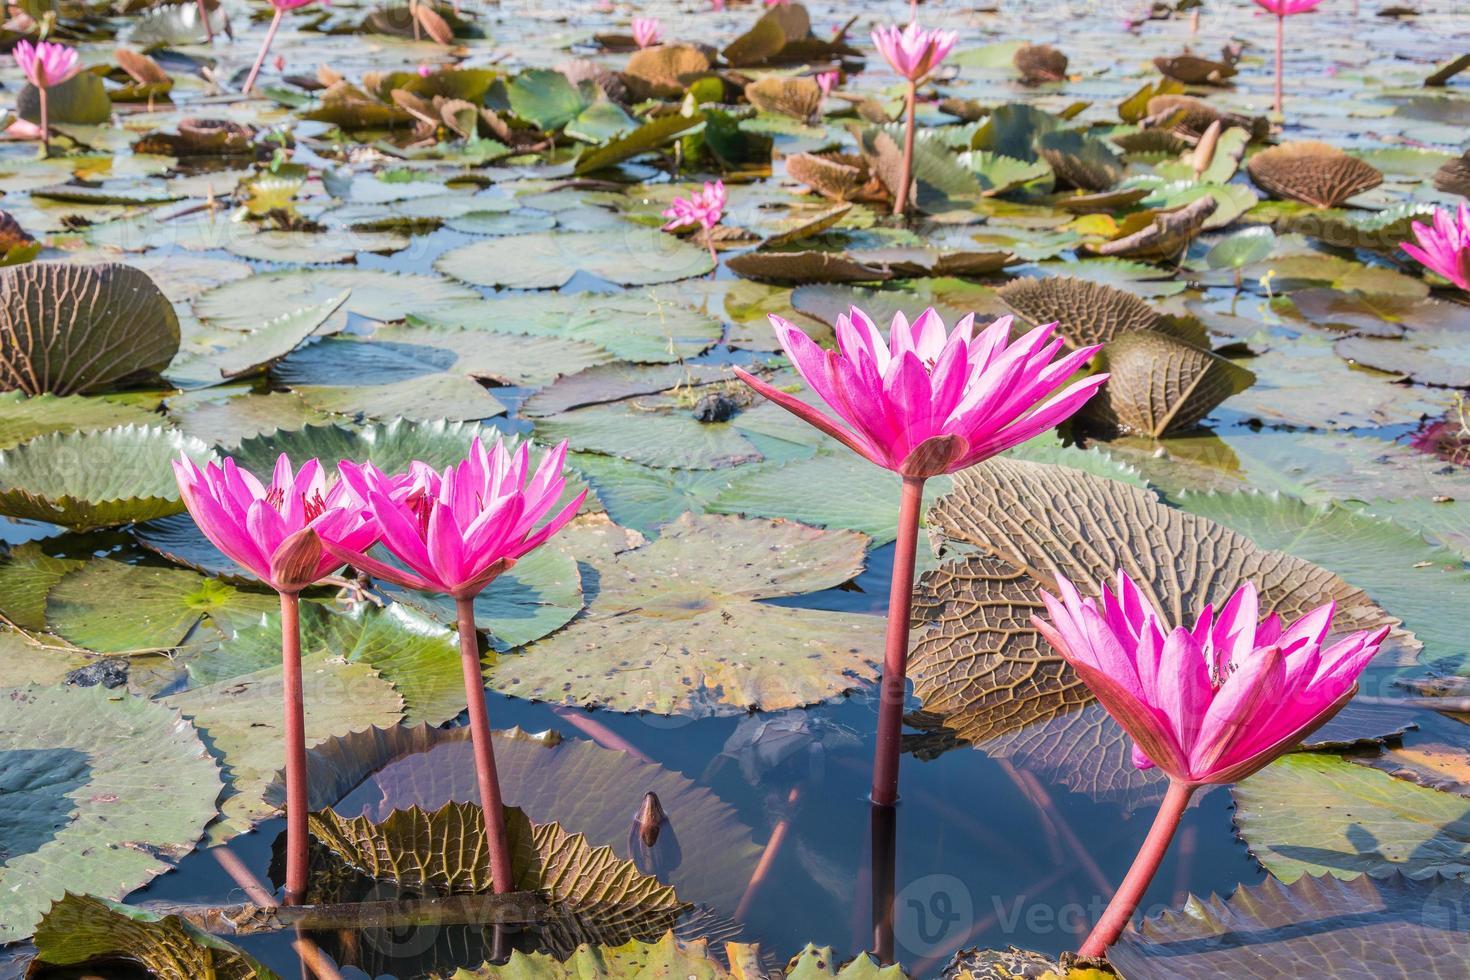 il bellissimo fiore di loto in fiore nel lago foto